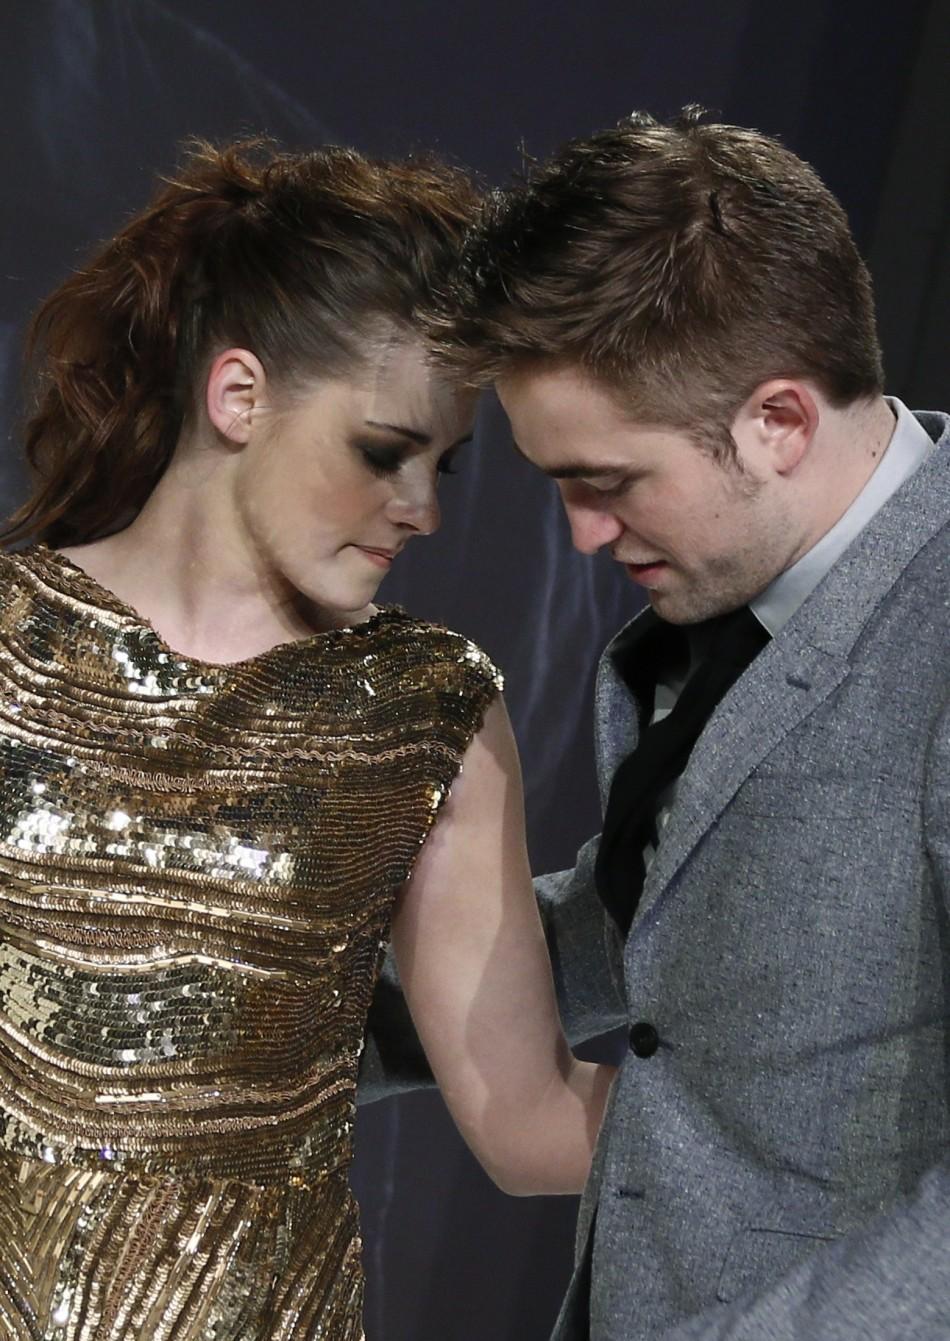 Kristen Stewart joined Robert Pattinson at a Golden Globes afterparty